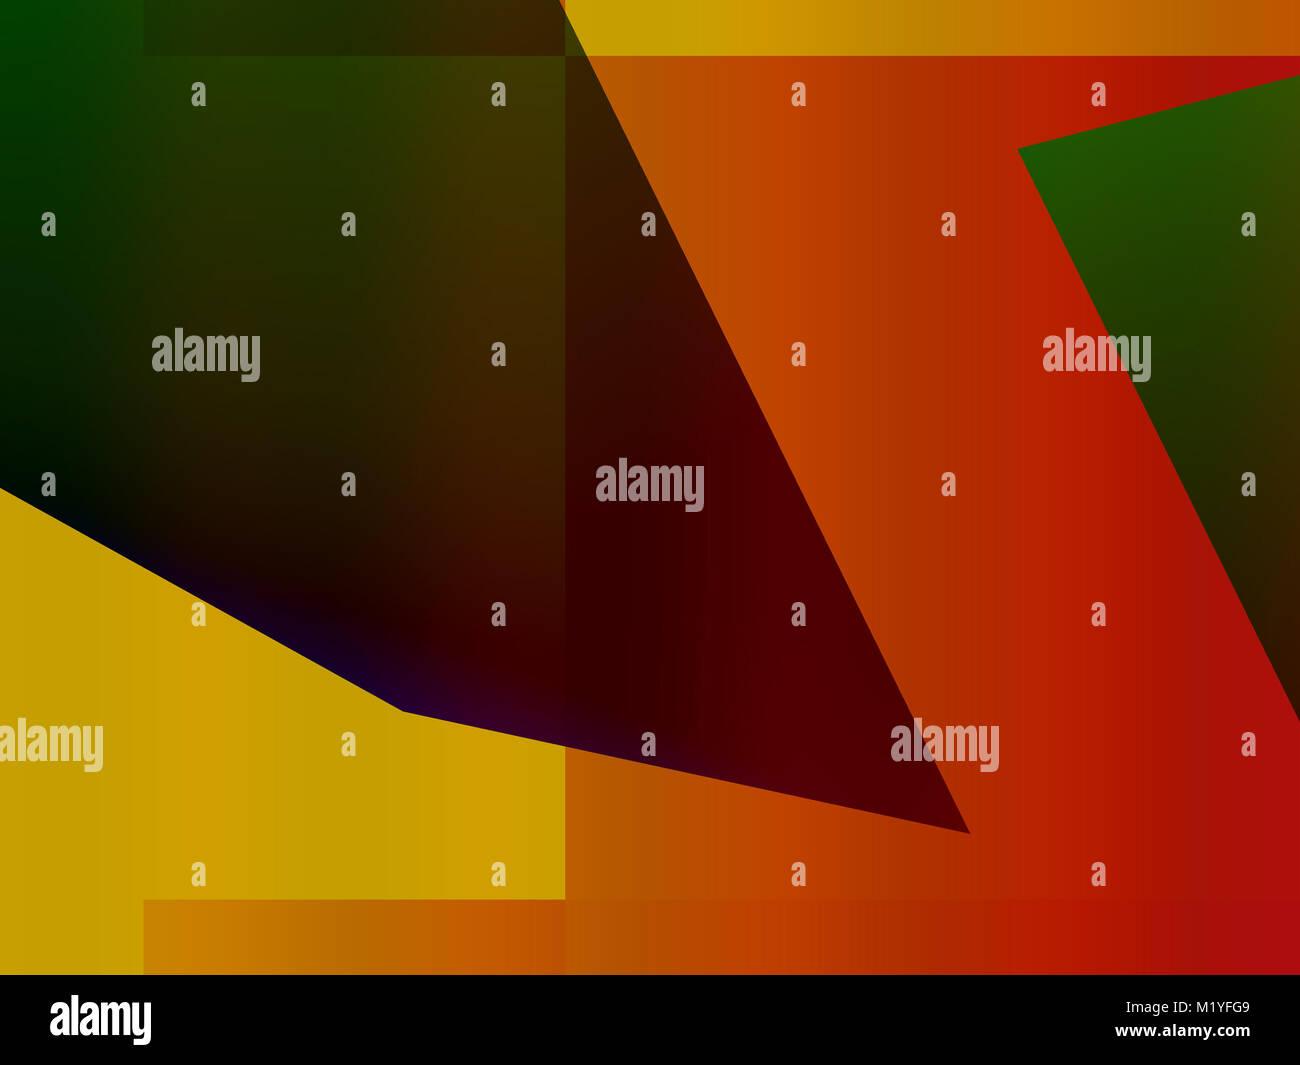 Abstract decorativo espressionismo dinamico e creativo futuristico colorato pubblicità Immagini Stock